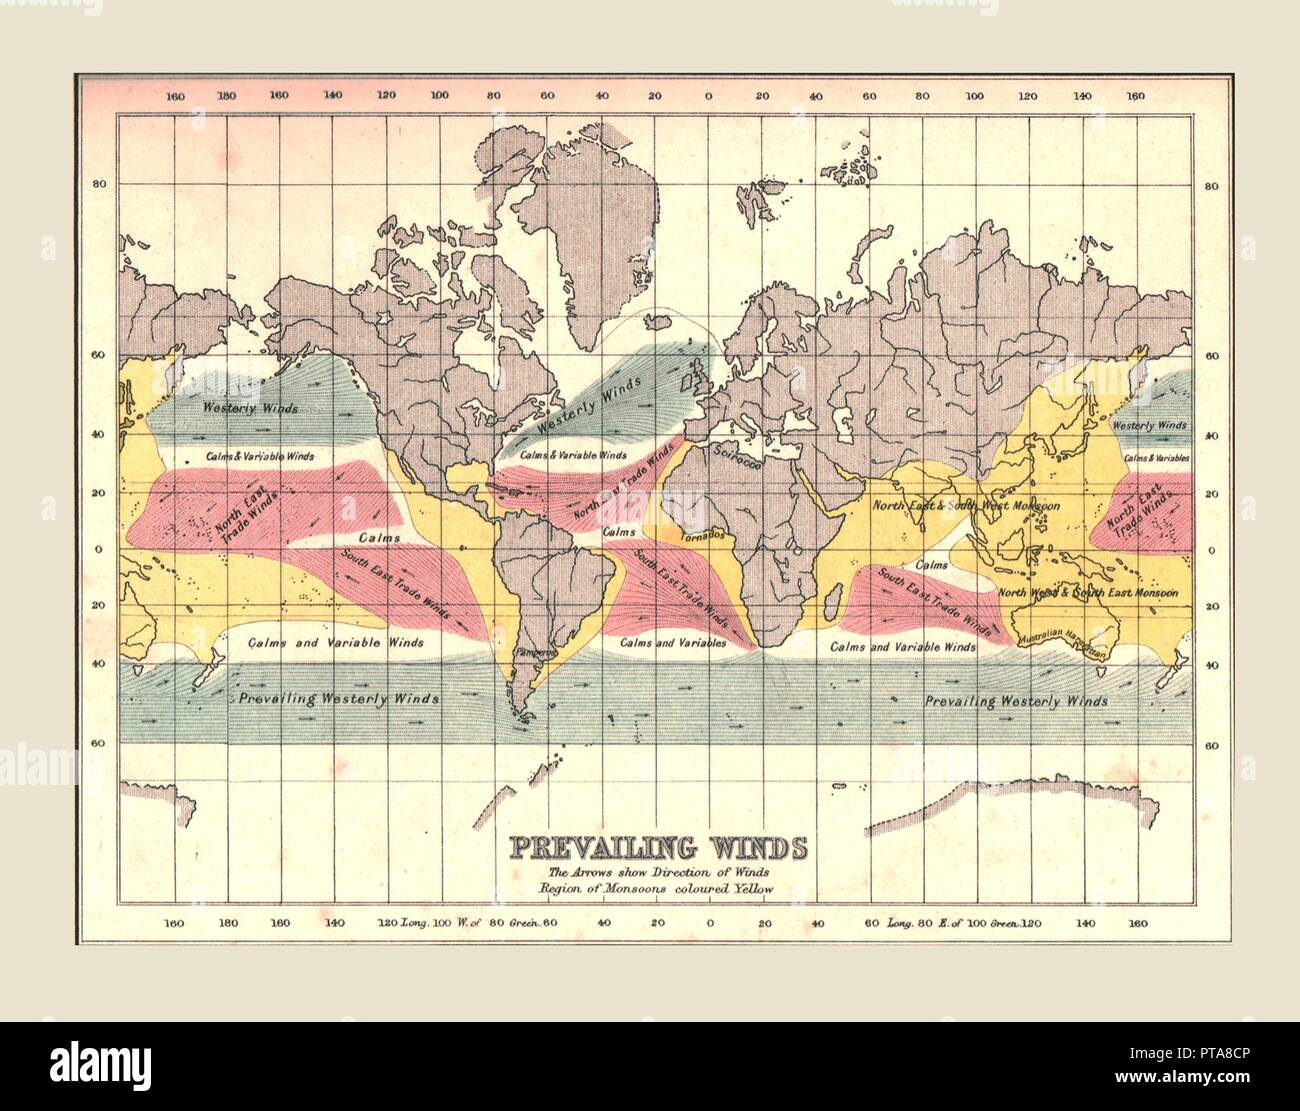 Carte du monde montrant les vents dominants, 1902. Des flèches indiquant la direction, avec les régions de mousson coloré en jaune. Du siècle atlas du monde. [John Walker &AMP; Co, Ltd., Londres, 1902] Photo Stock